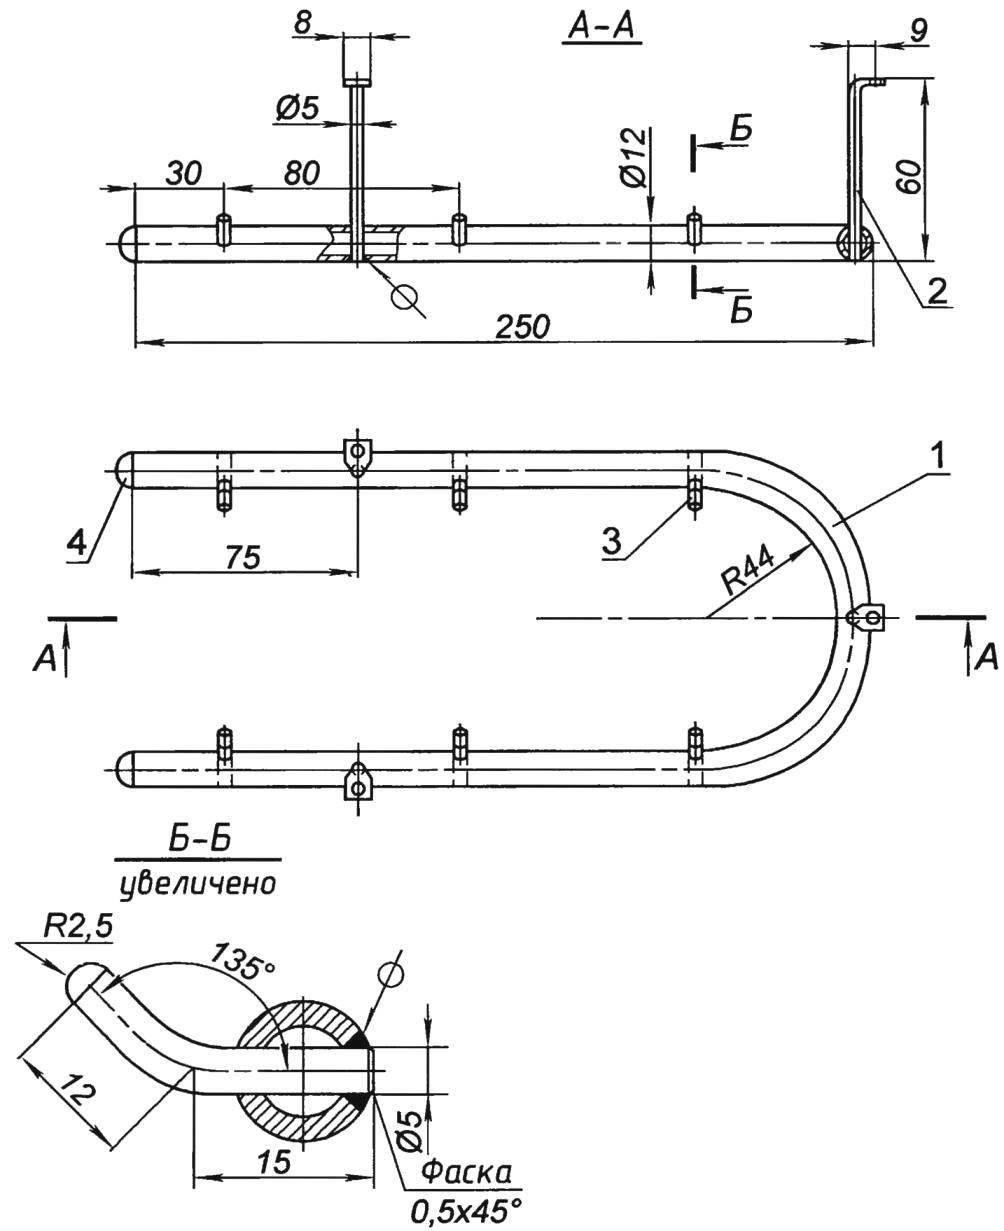 Рис.2. Дуговая подвеска (номера позиций— по рис.1)